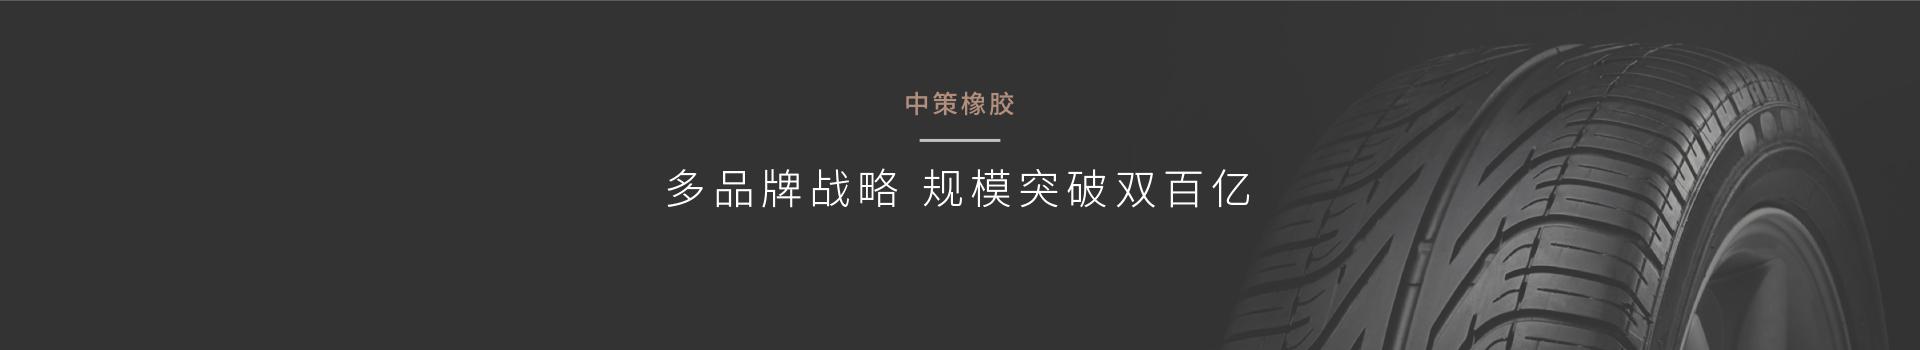 上海品牌营销公司对中策橡胶进行品牌规划,以明星子品牌带动母品牌辐射各子品牌打造明星品牌案例鼠标划过效果